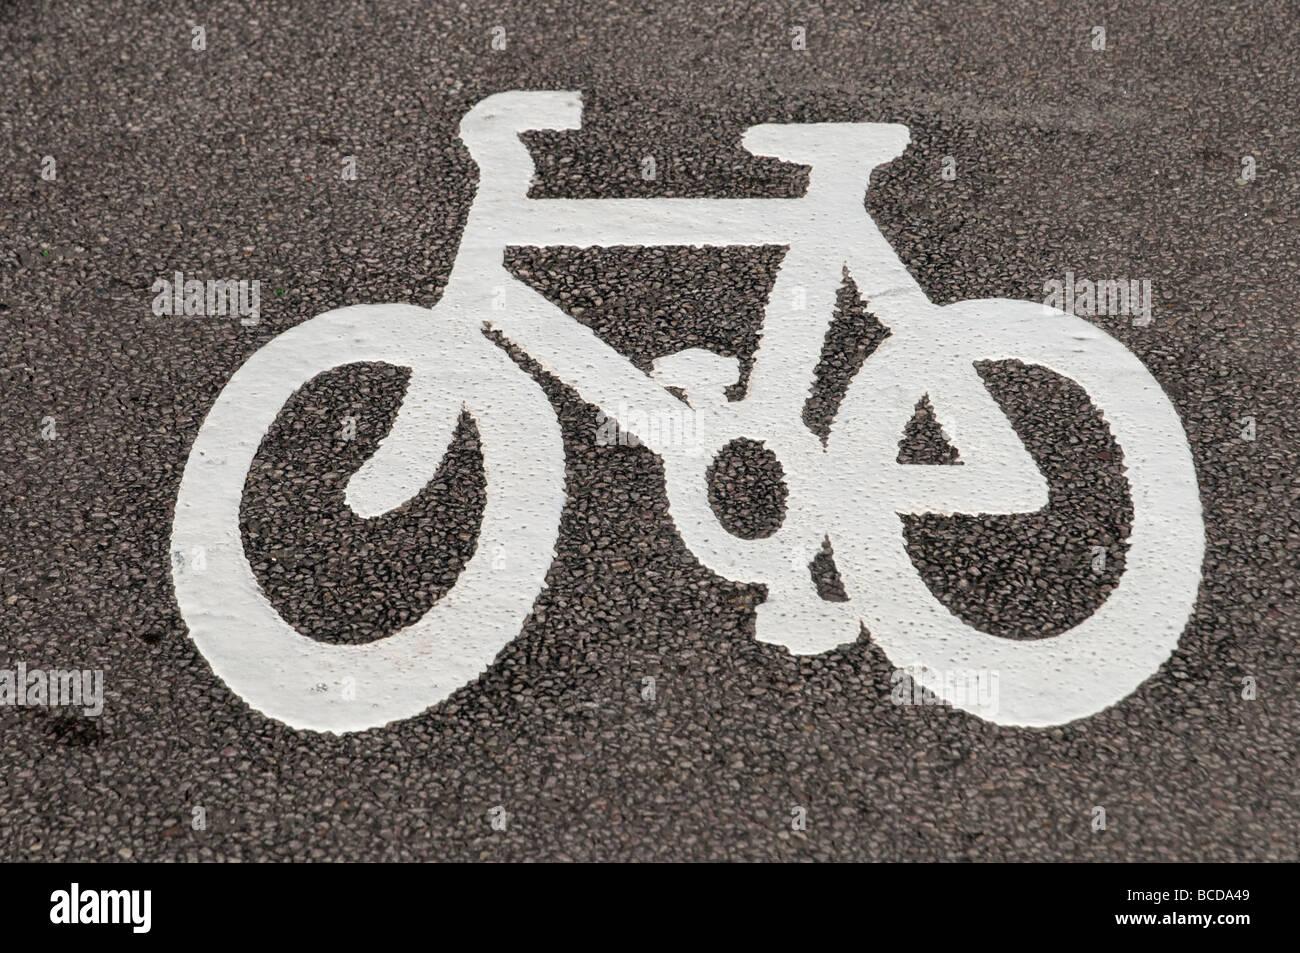 Carril Bici de carretera símbolo marcado Londres England Reino Unido Imagen De Stock